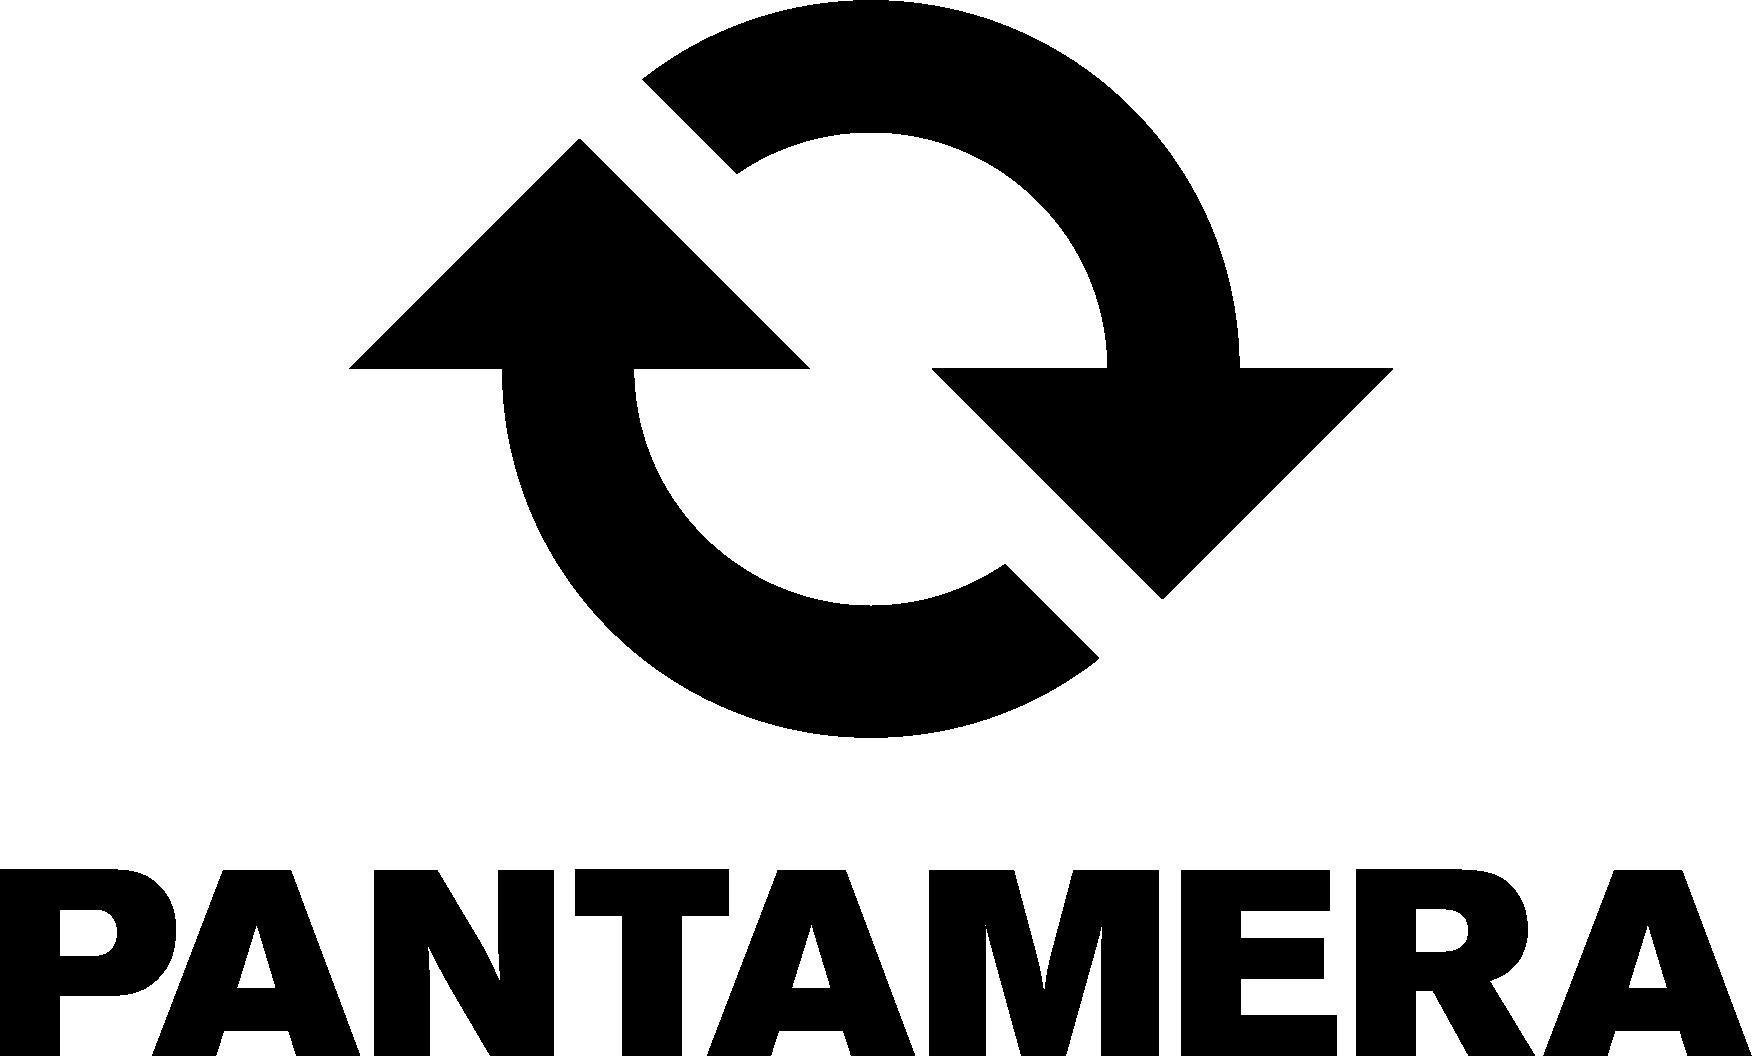 Pantamera logotyp